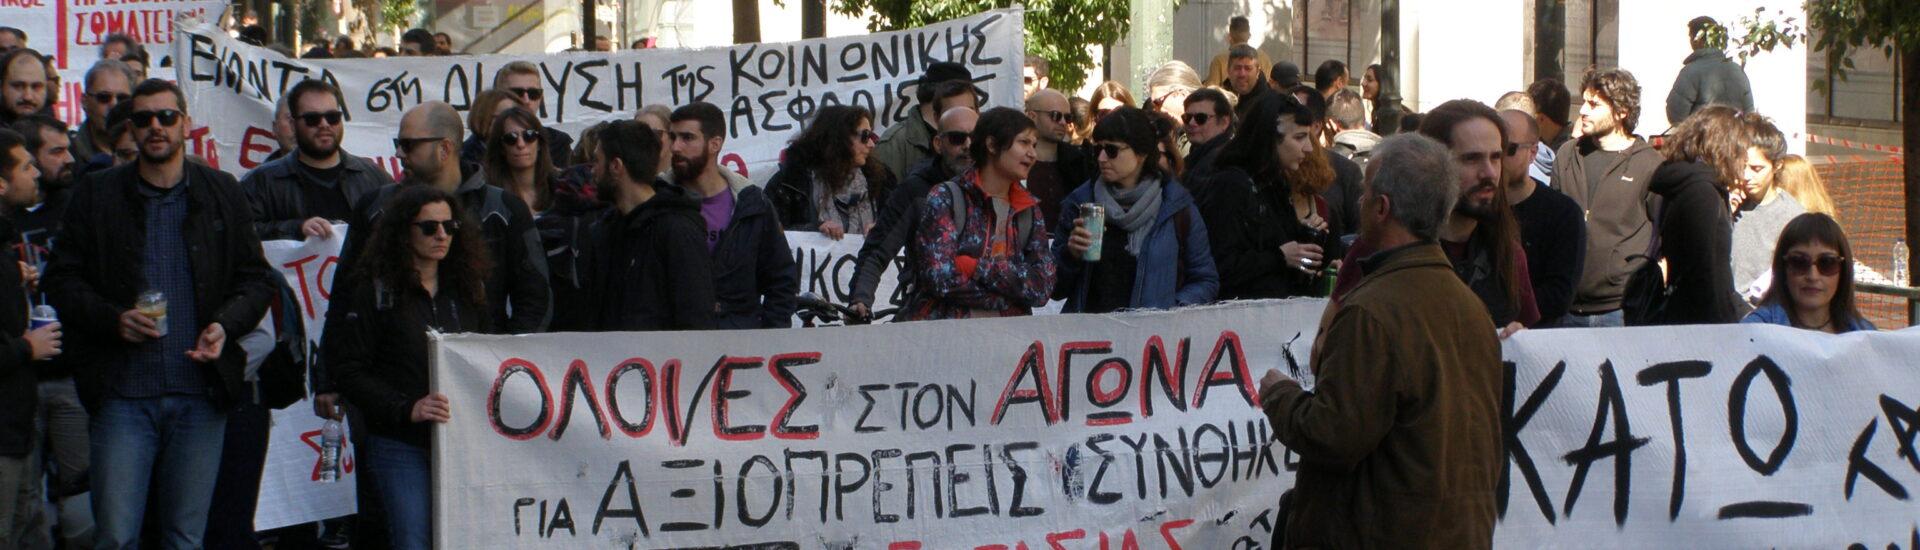 ΕΚΑ: ΑΠΕΡΓΙΑ ενάντια στα καταστροφικά εργασιακά και ασφαλιστικά νομοσχέδια